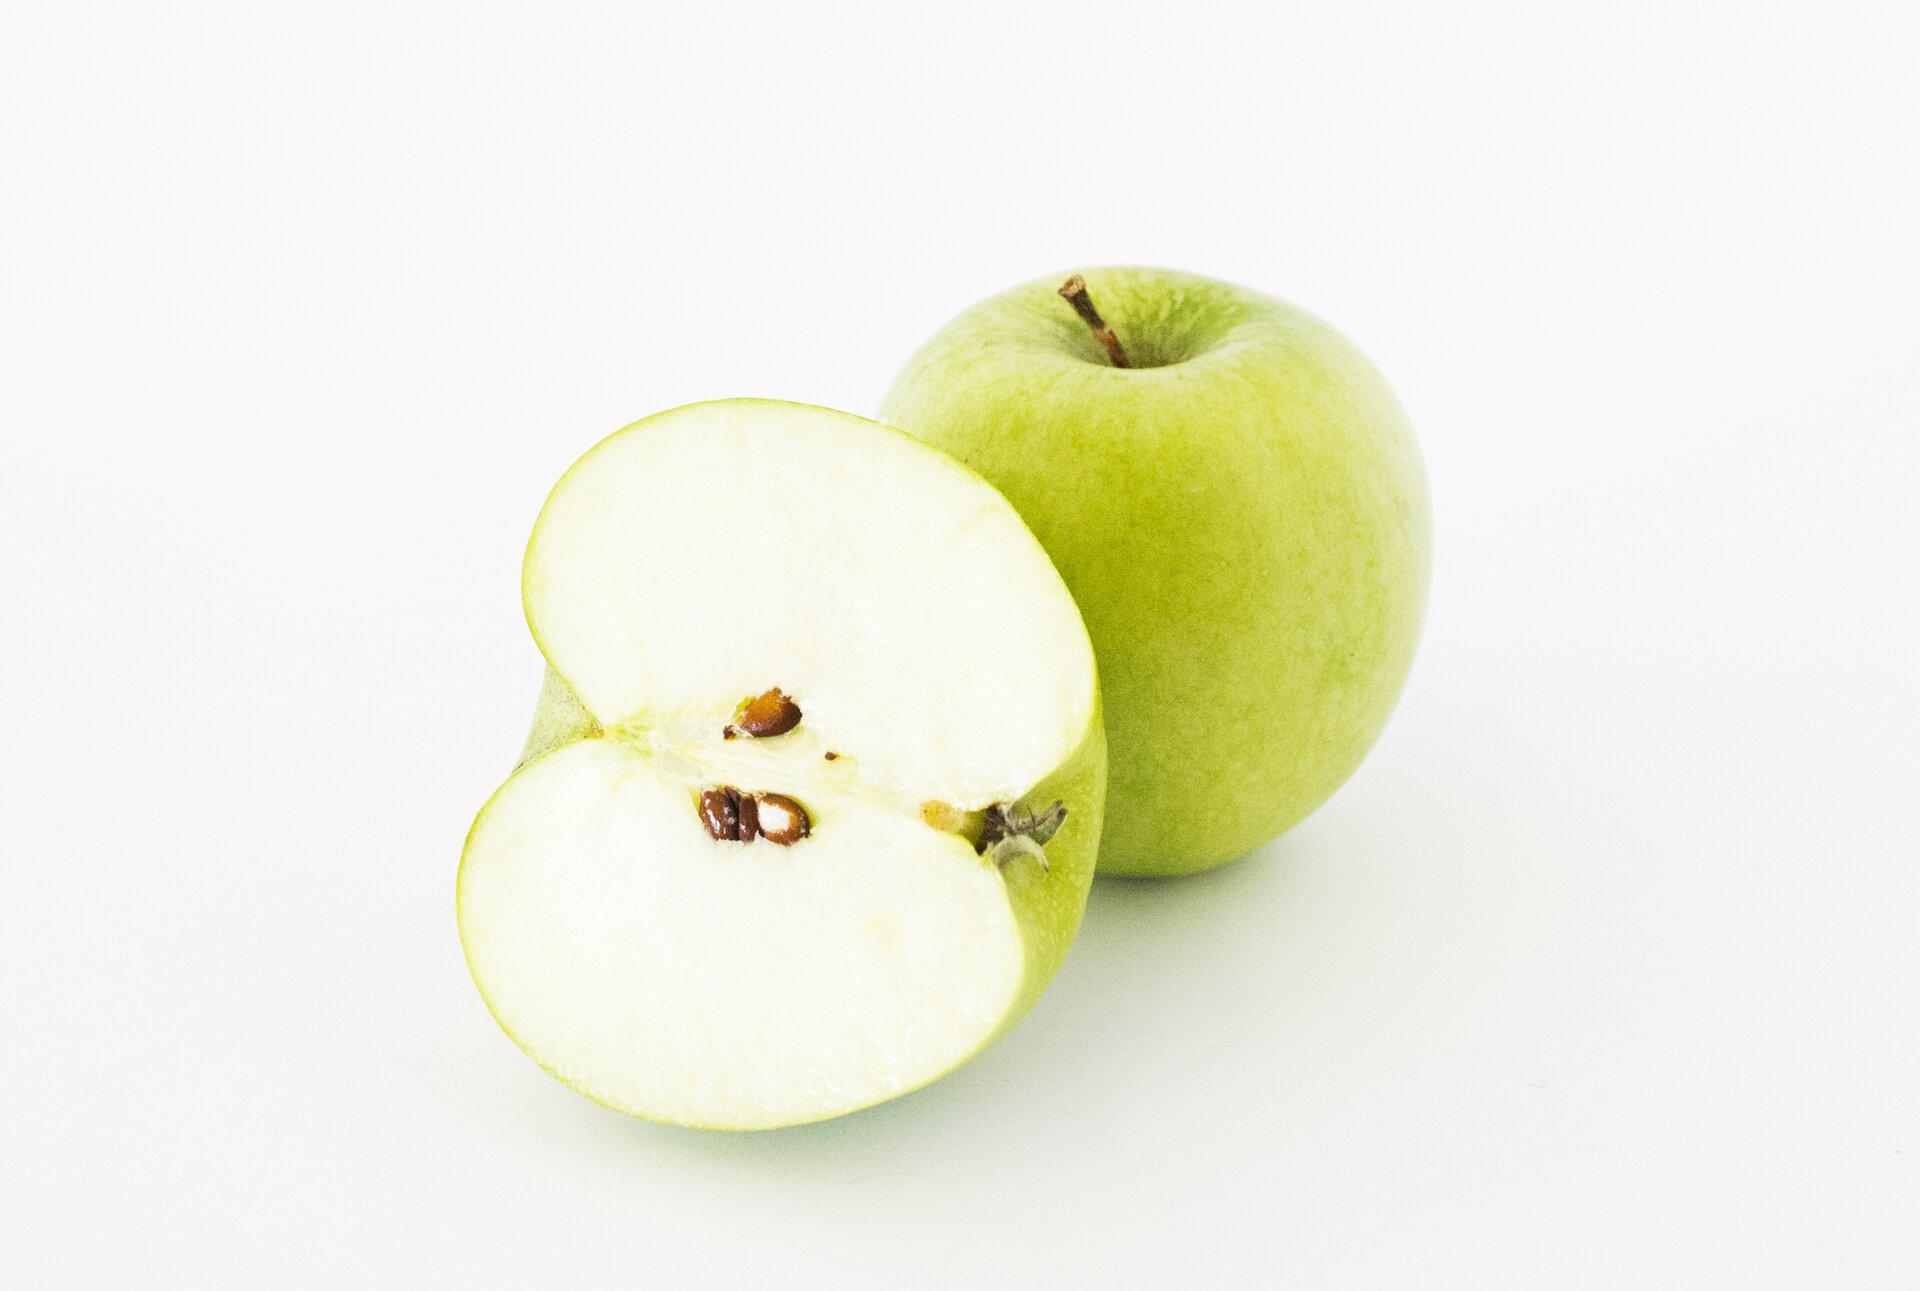 Fotografia jabłek. Jedno jest całe, drugie przekrojone. Na przekroju widać komorę nasienną znasionami.